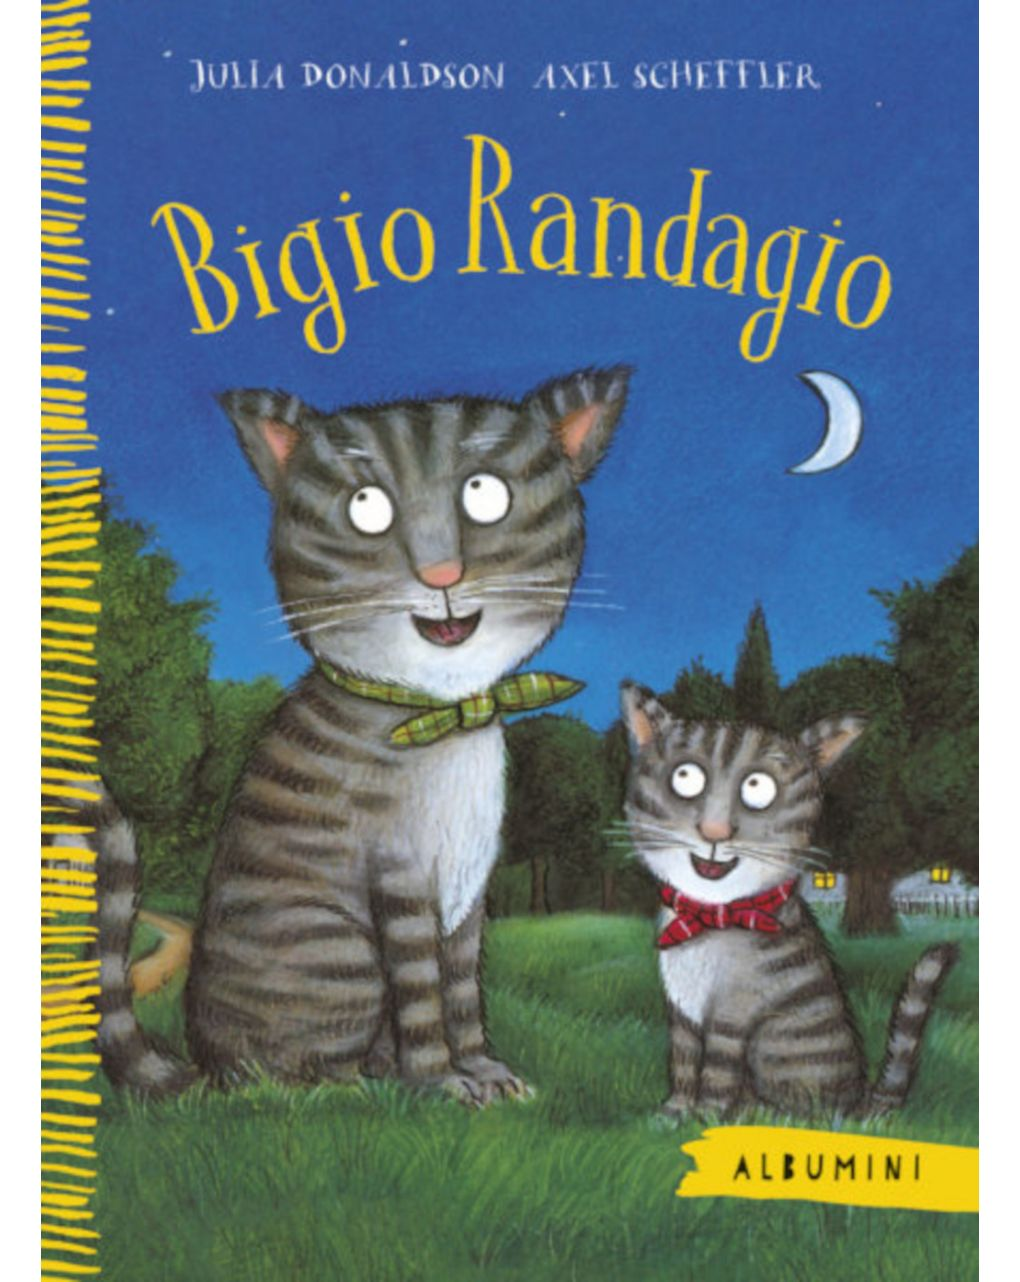 Albumini - bigio randagio - Edizioni EL